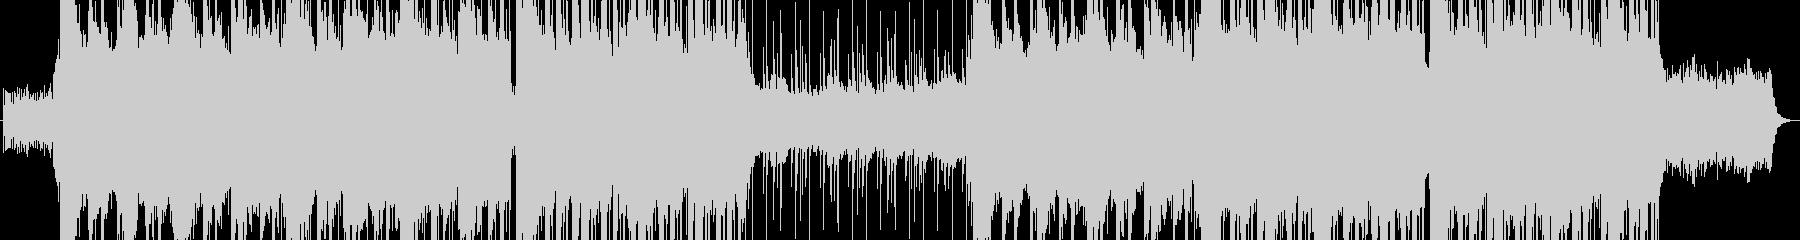 追いつめられたイメージのインスト曲の未再生の波形